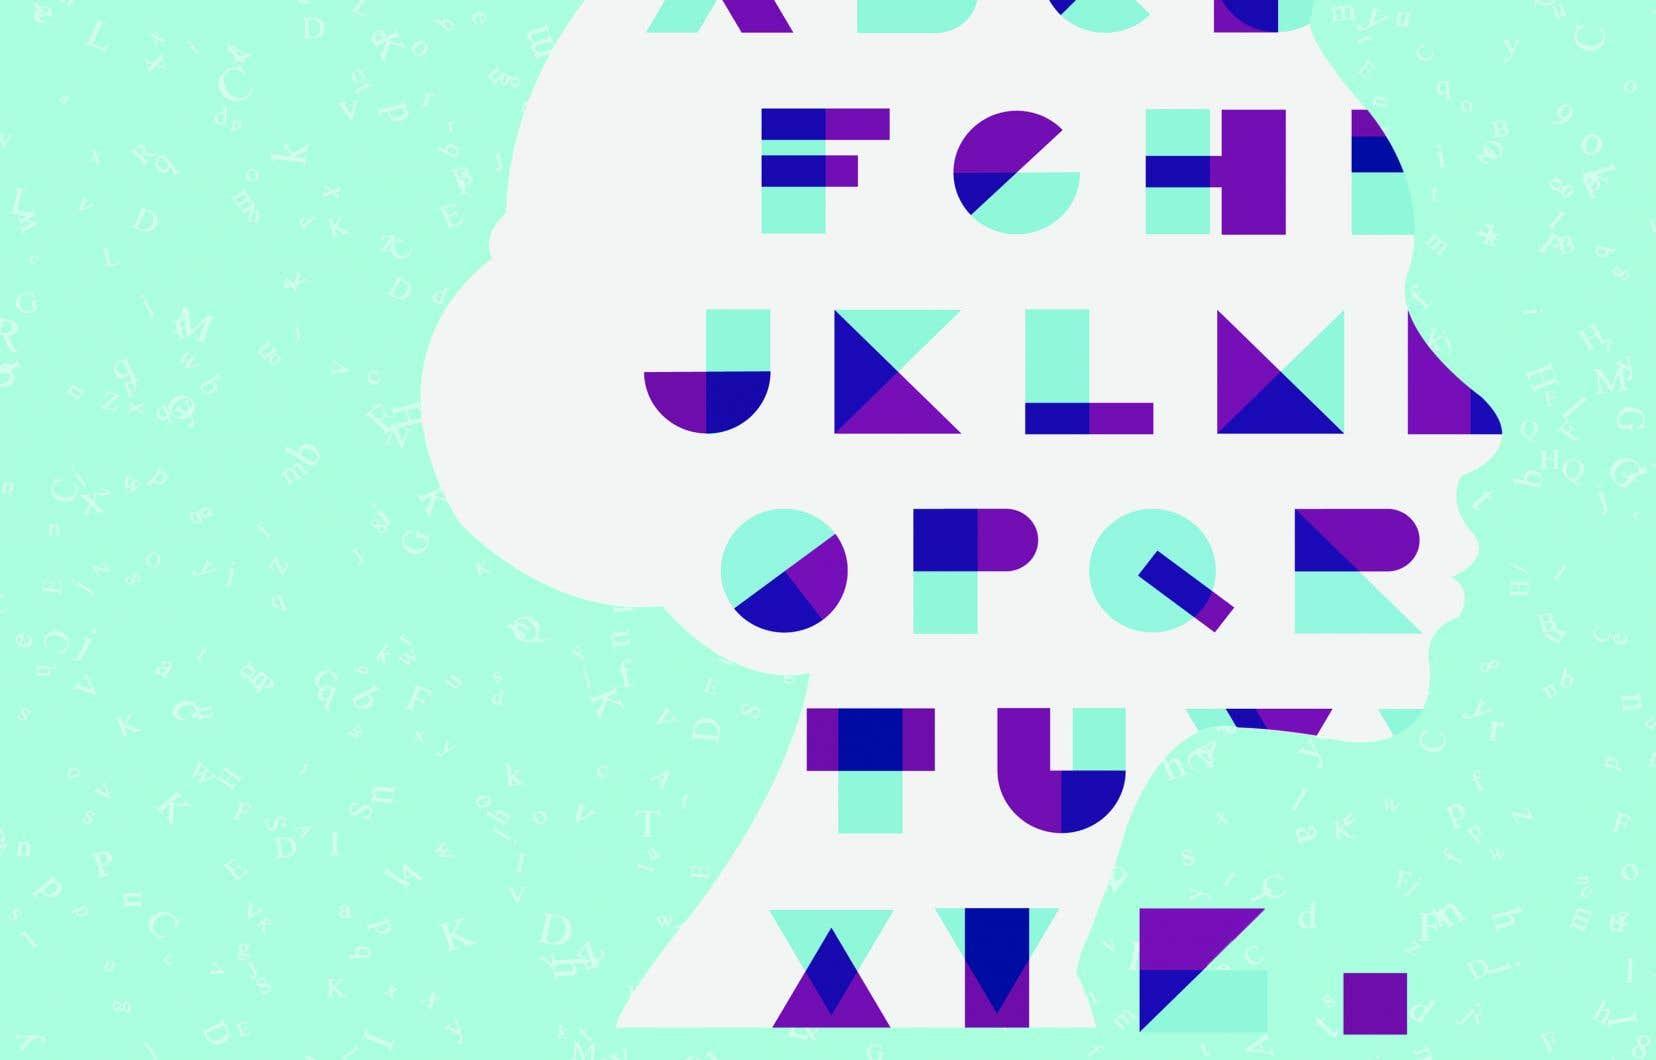 «Le problème de littératie demeure bien actuel et ne s'est pas amélioré depuis les dix dernières années», souligneCaroline Meunier, responsable du développement des analyses et des stratégies au Regroupement des groupes populaires en alphabétisation du Québec (RGPAQ).